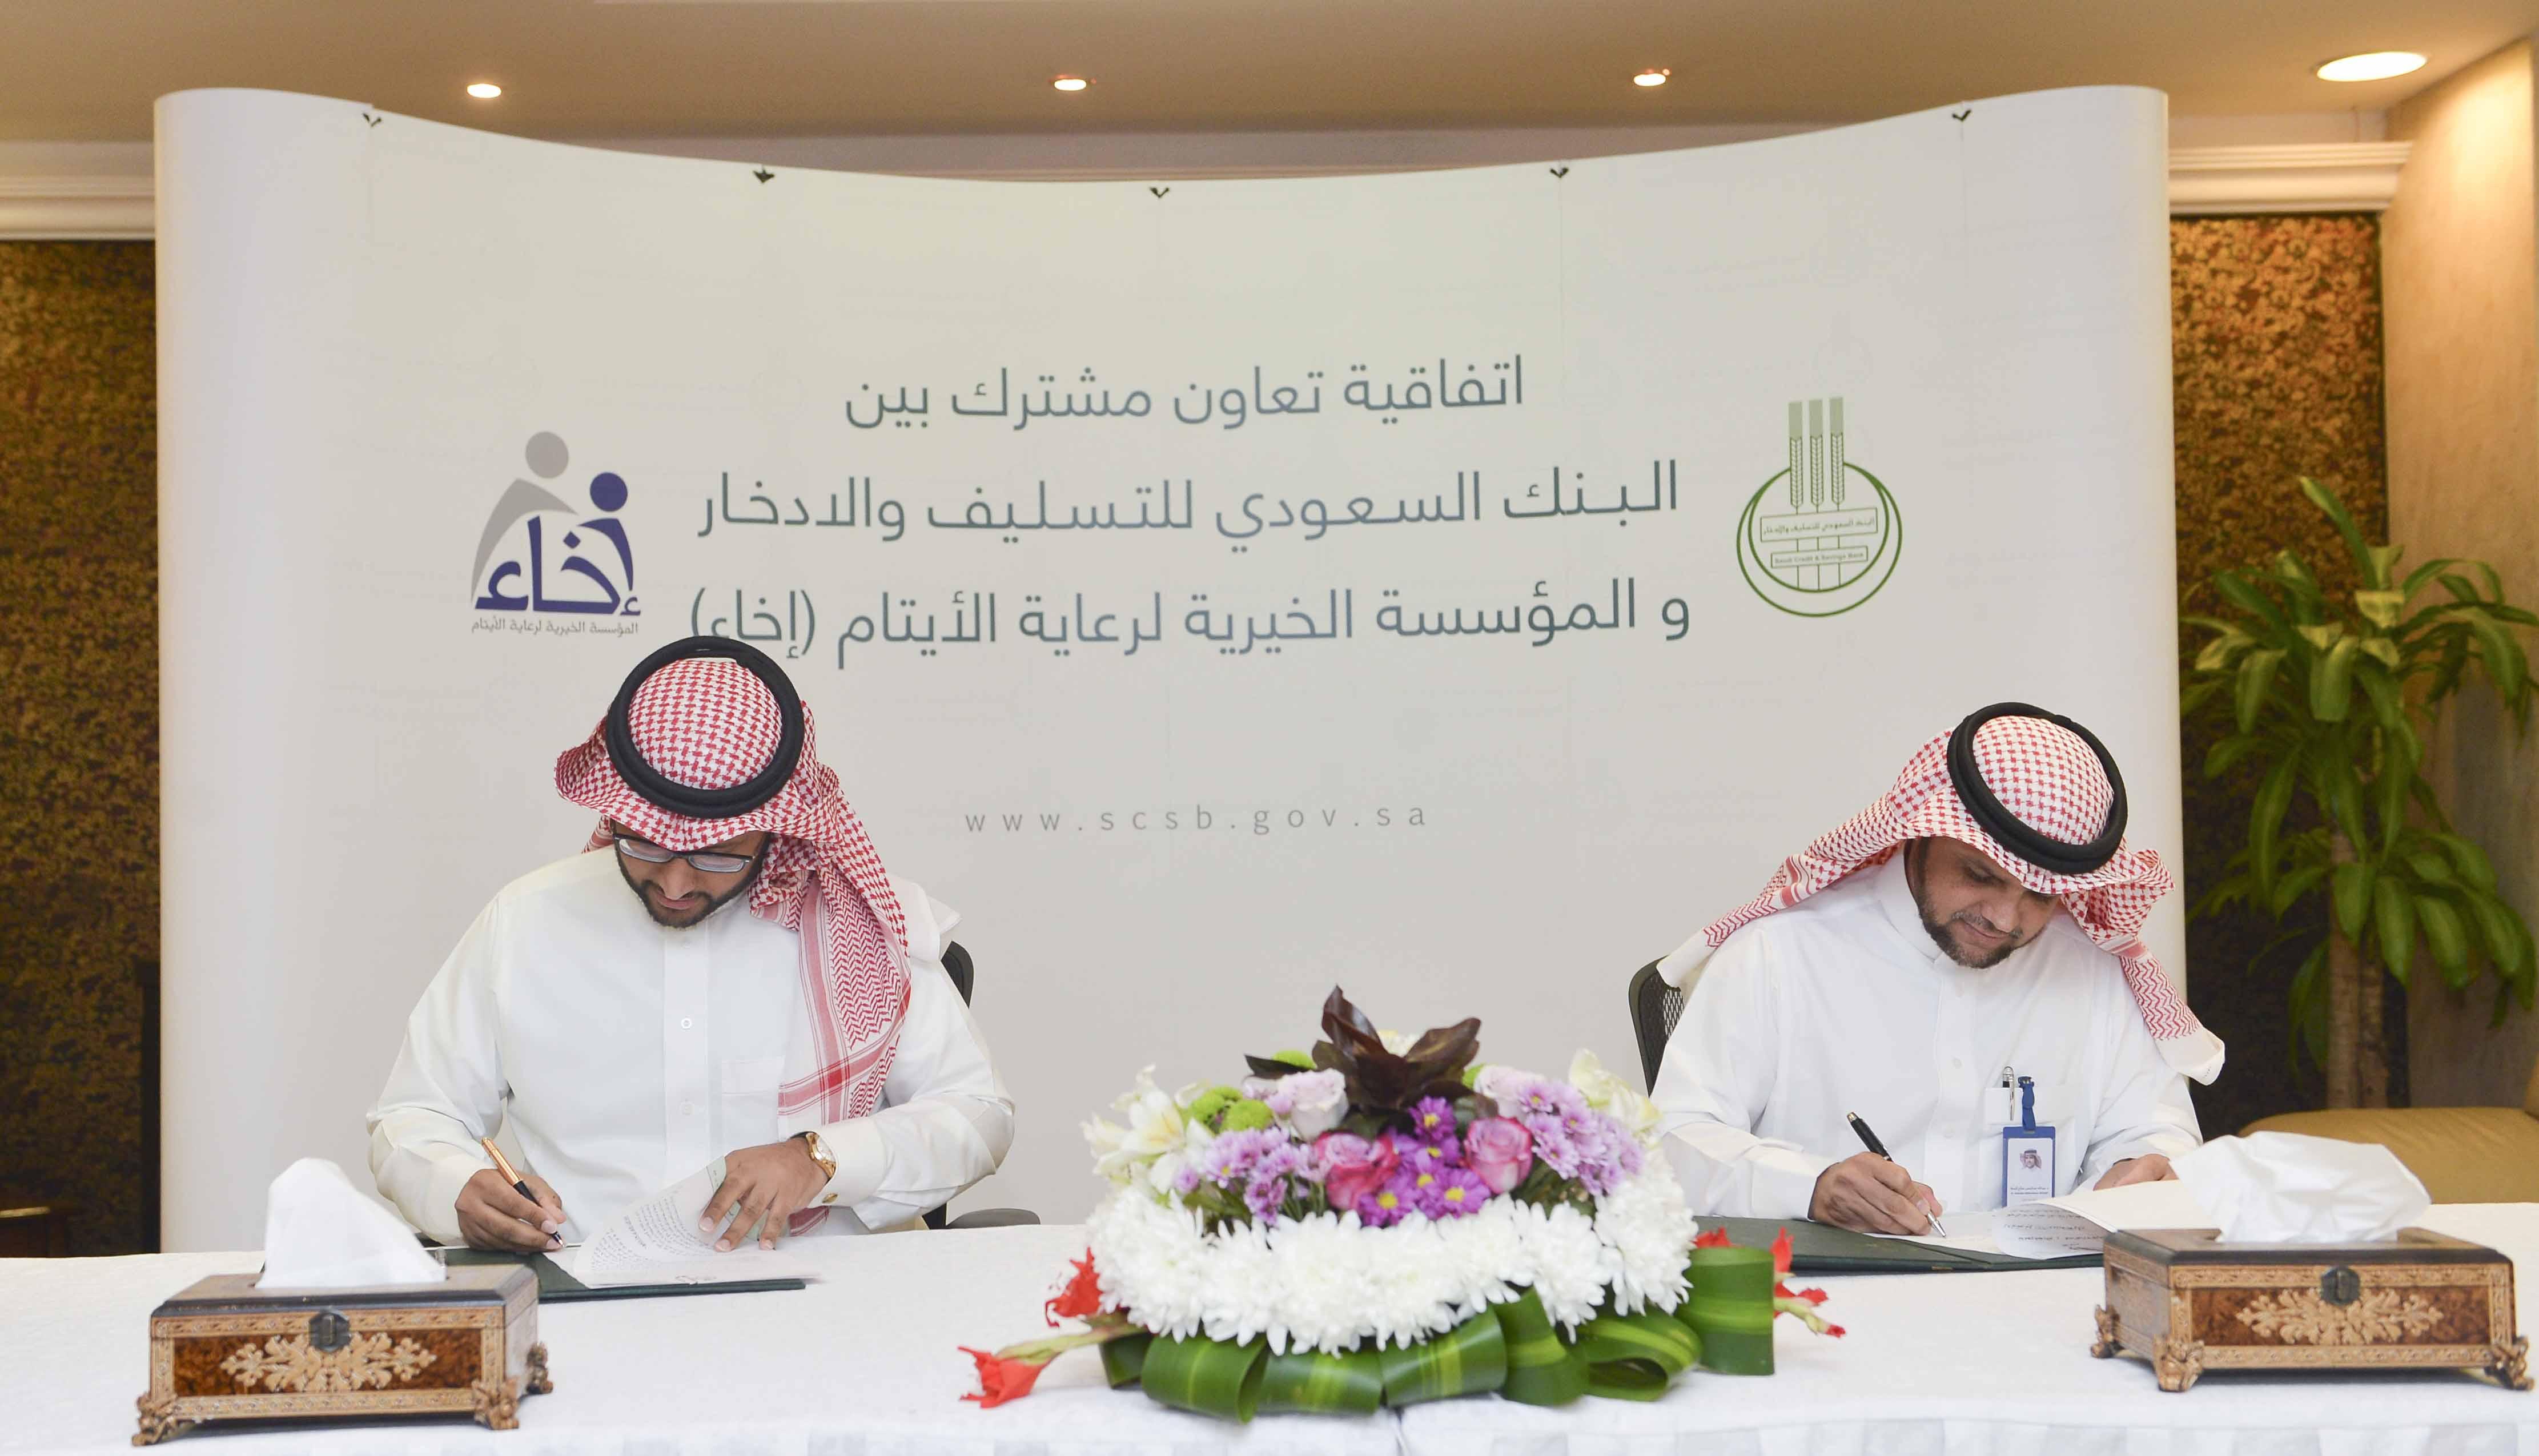 التسليف والادخار وإخاء يبرمان اتفاقية لشراء سيارات خاصة (1)